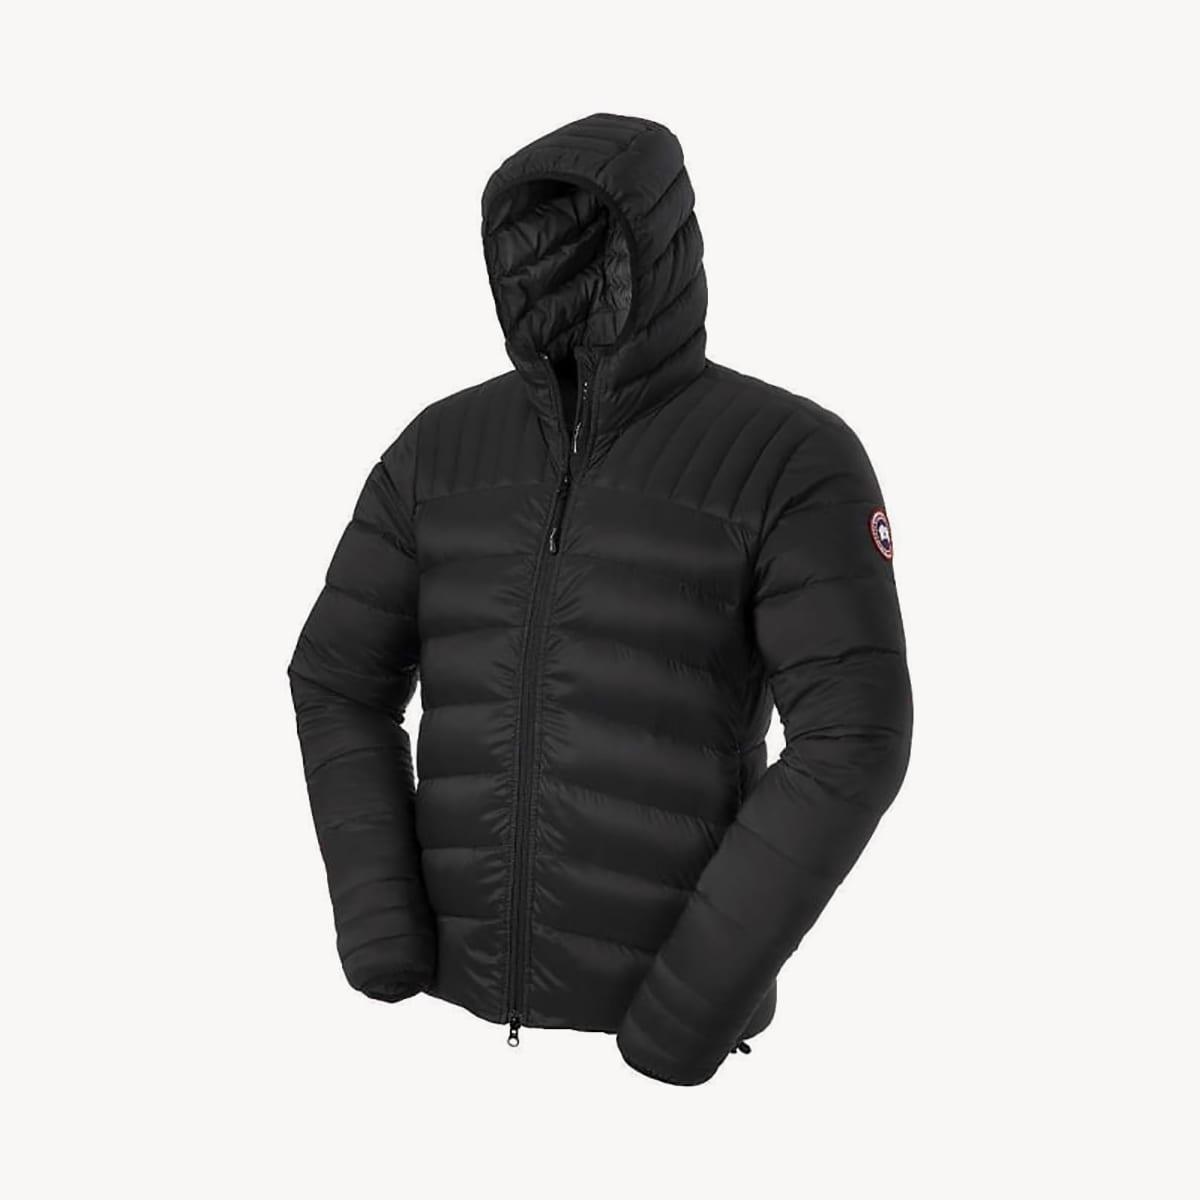 d19e74e5e27 The Best Jackets for Travel - Tortuga Backpacks Blog